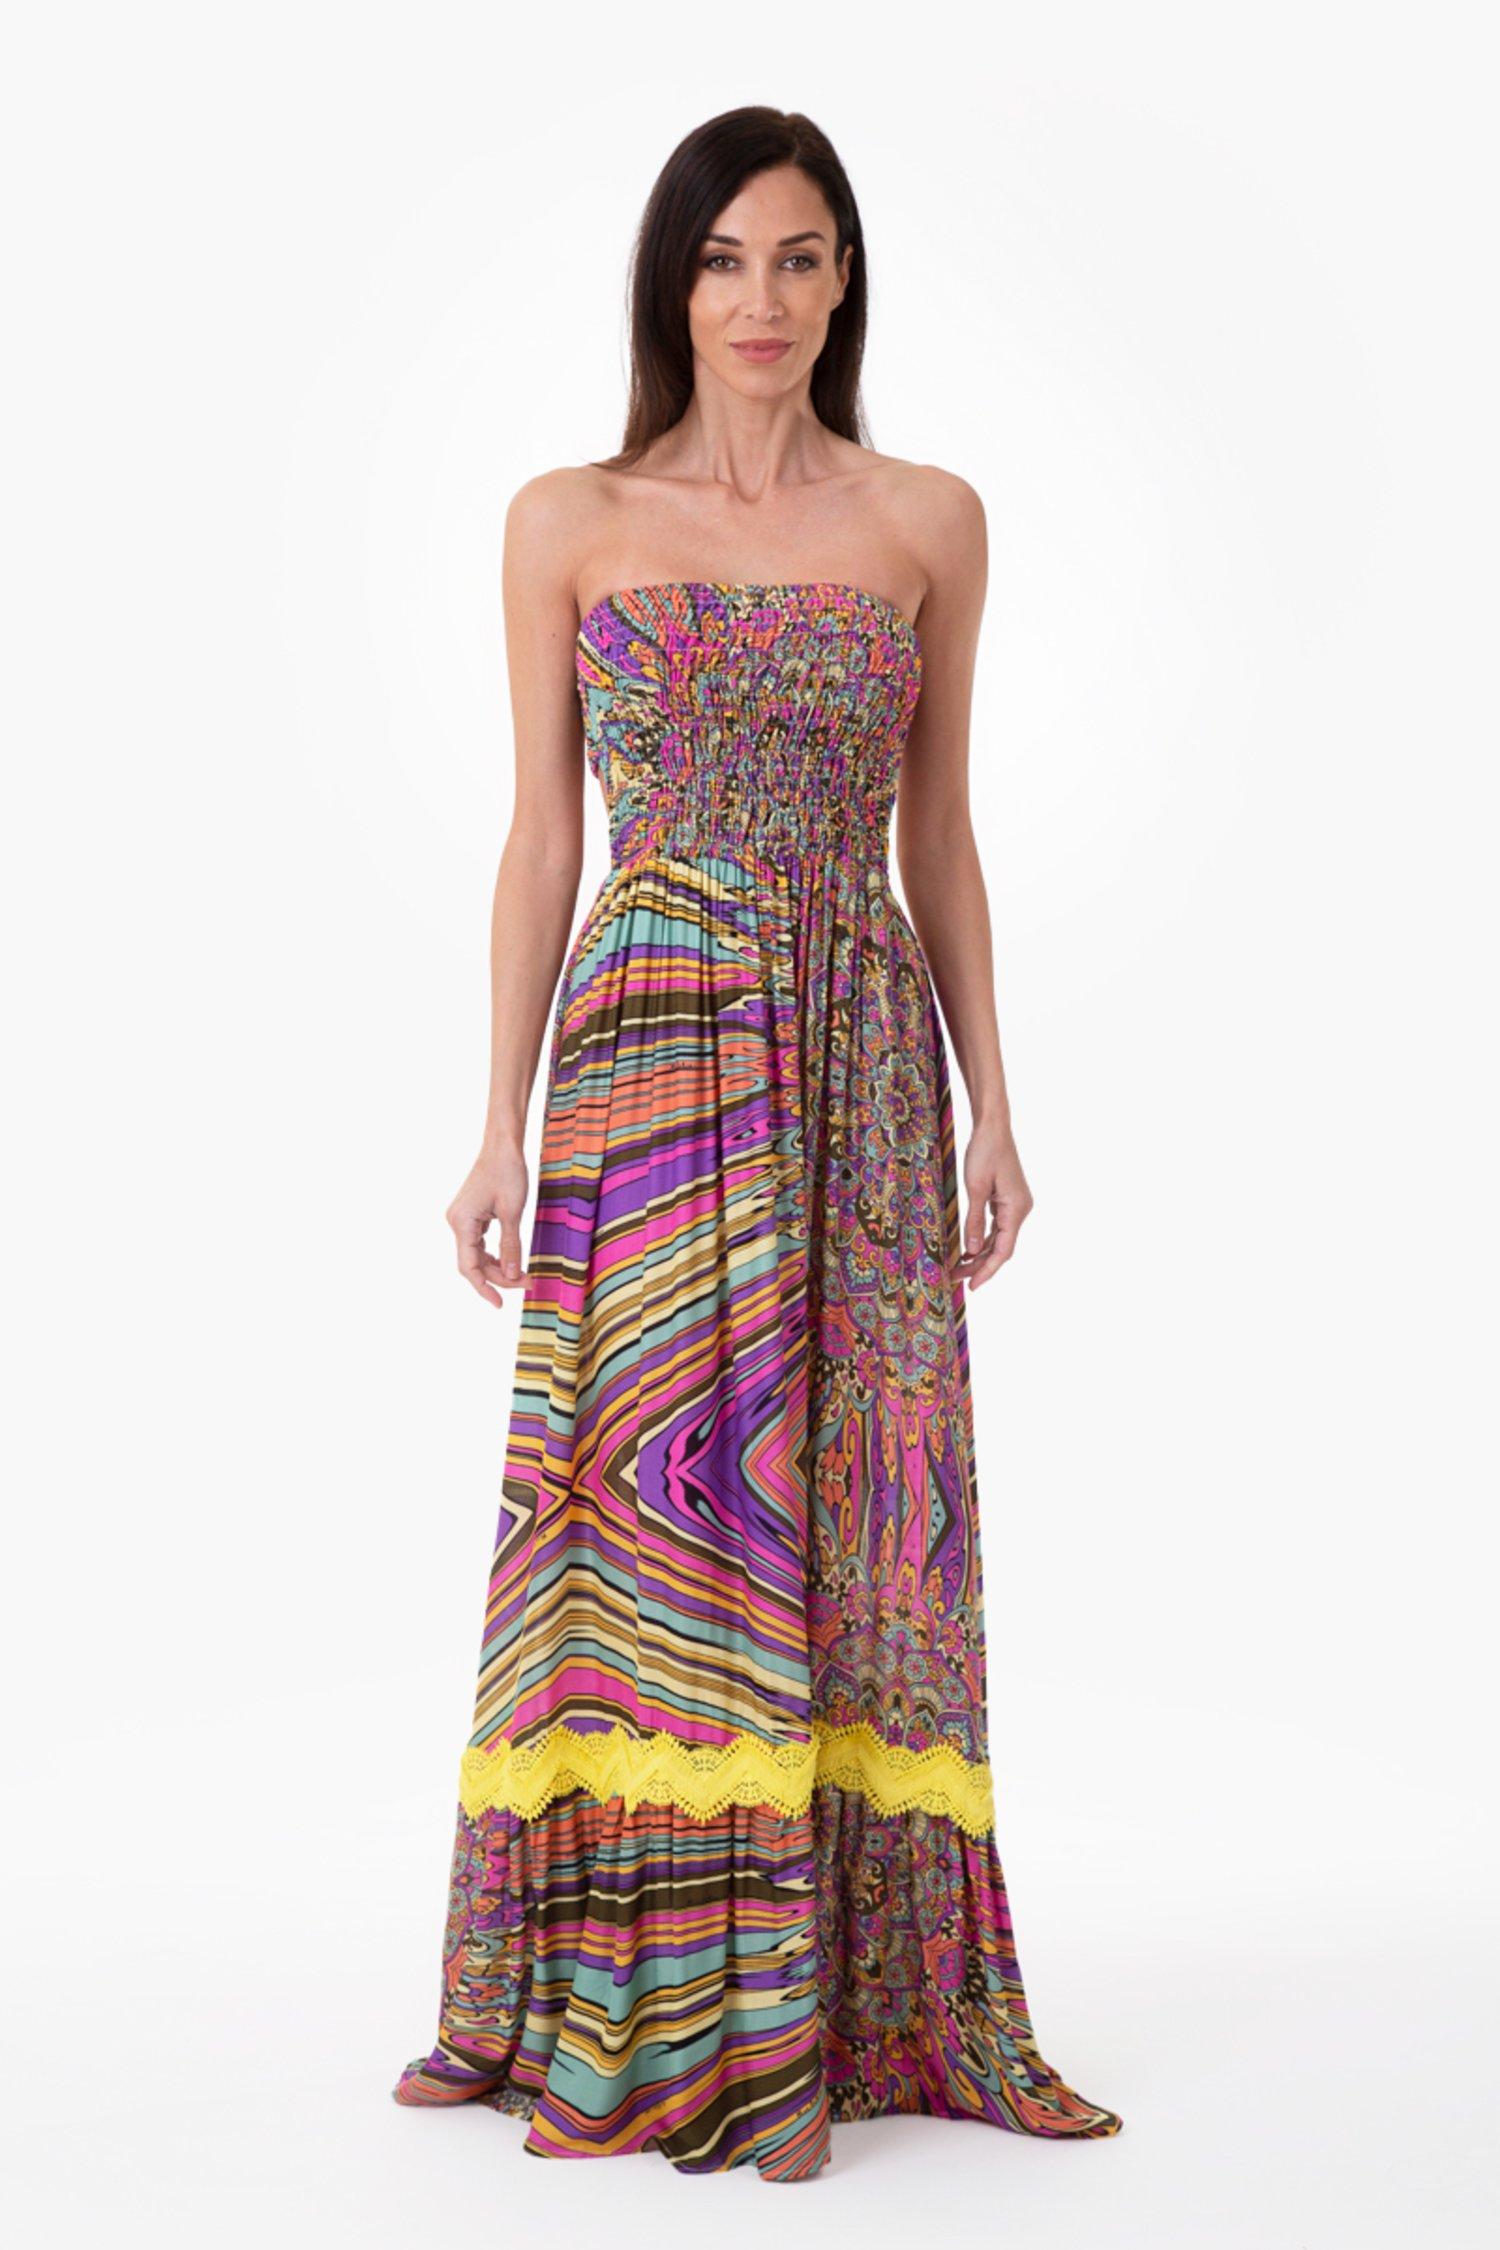 PRINTED VISCOSE LONG DRESS SMOCKING STITCH - Mandalaa Fuxia